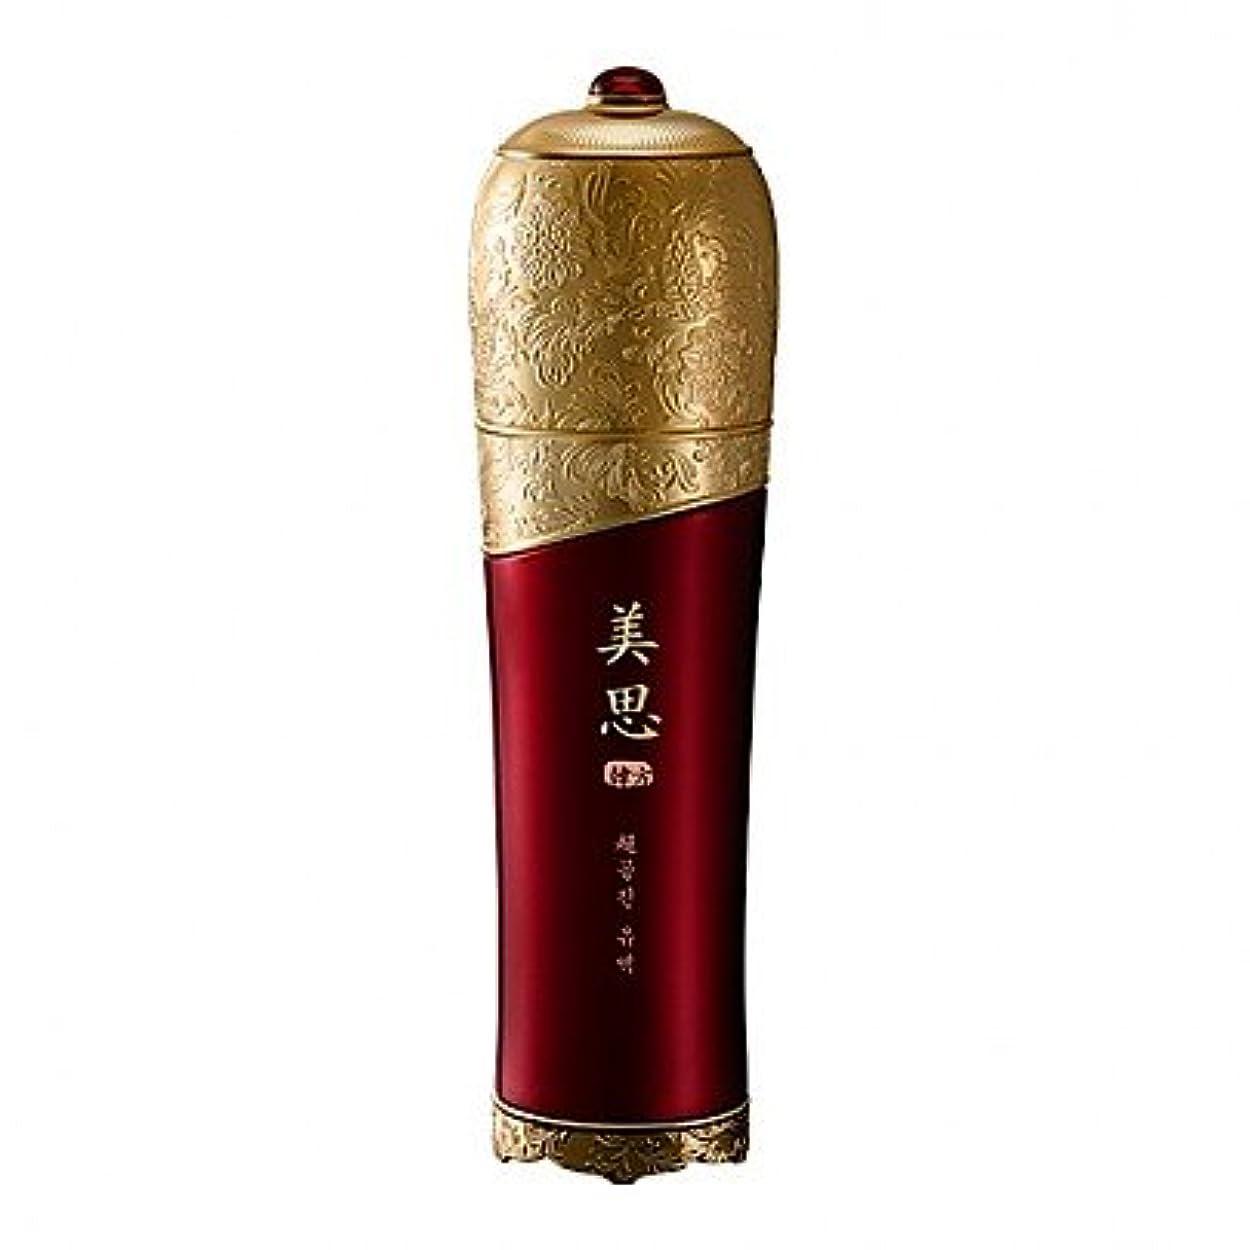 せがむ遵守する加速度MISSHA/ミシャ チョゴンジン 乳液 (旧チョボヤン) 125ml[海外直送品]